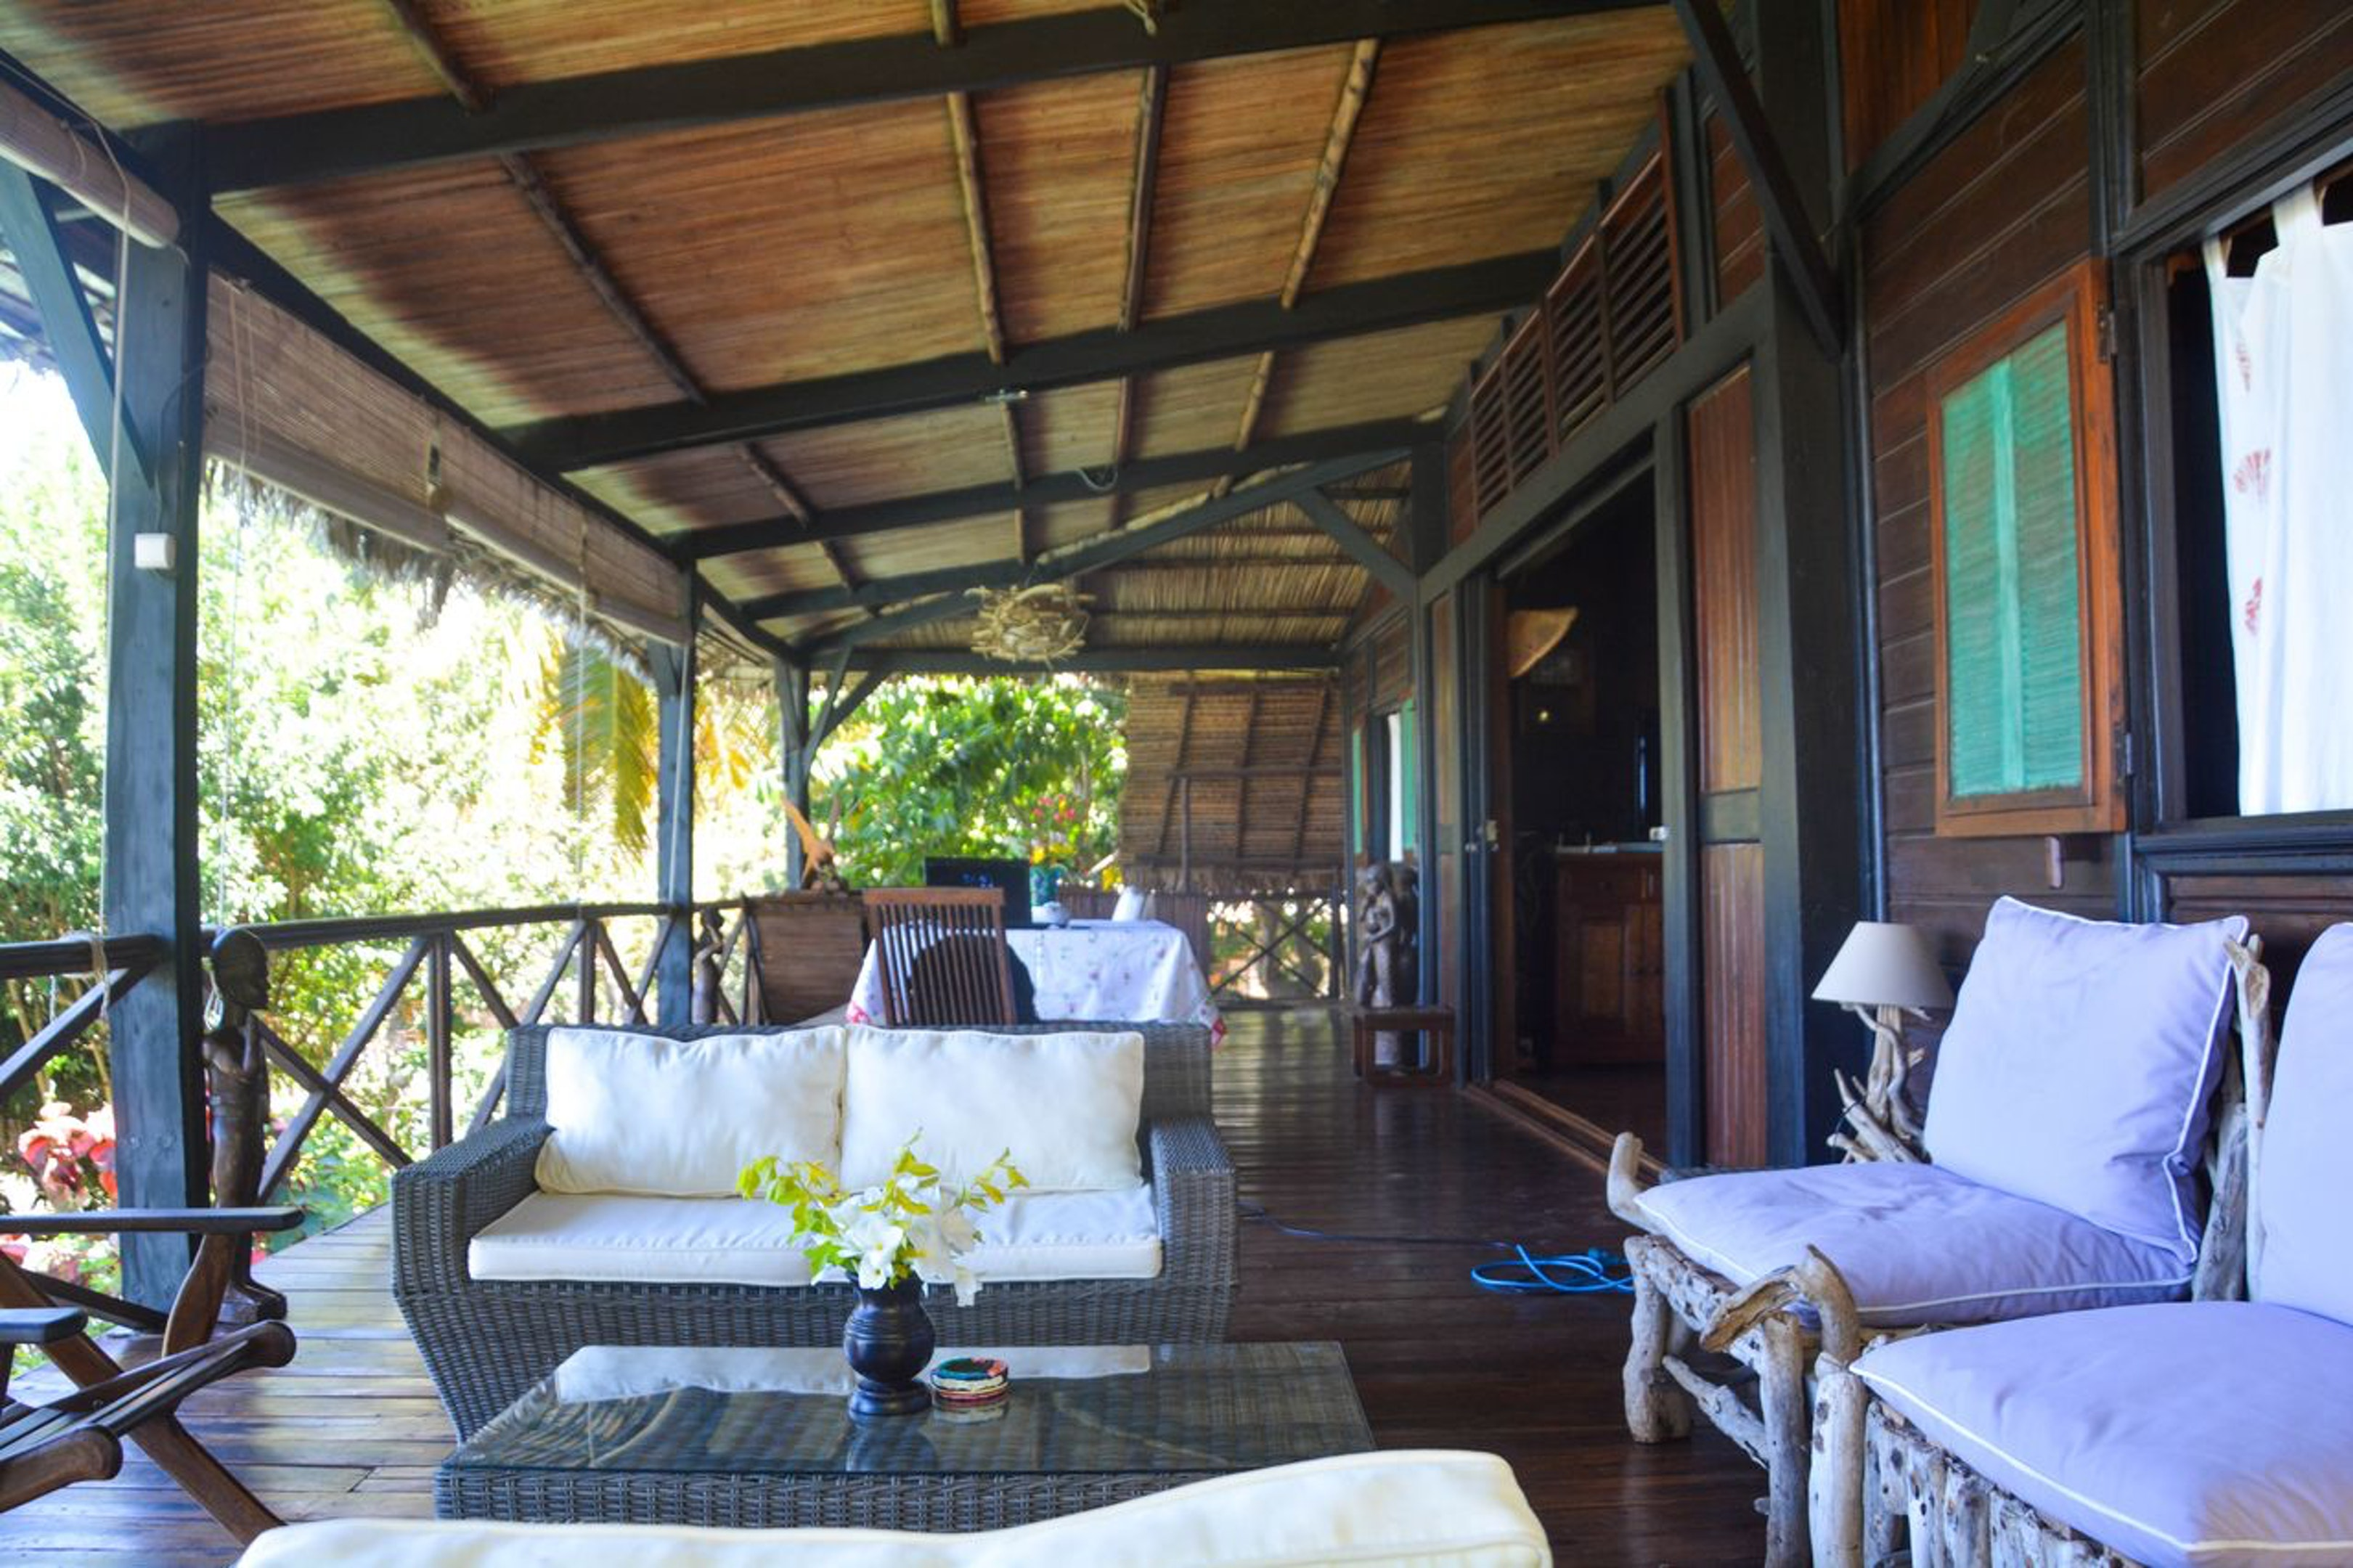 Villa mit 3 Schlafzimmern in Nosy Be mit herrliche Villa in Afrika